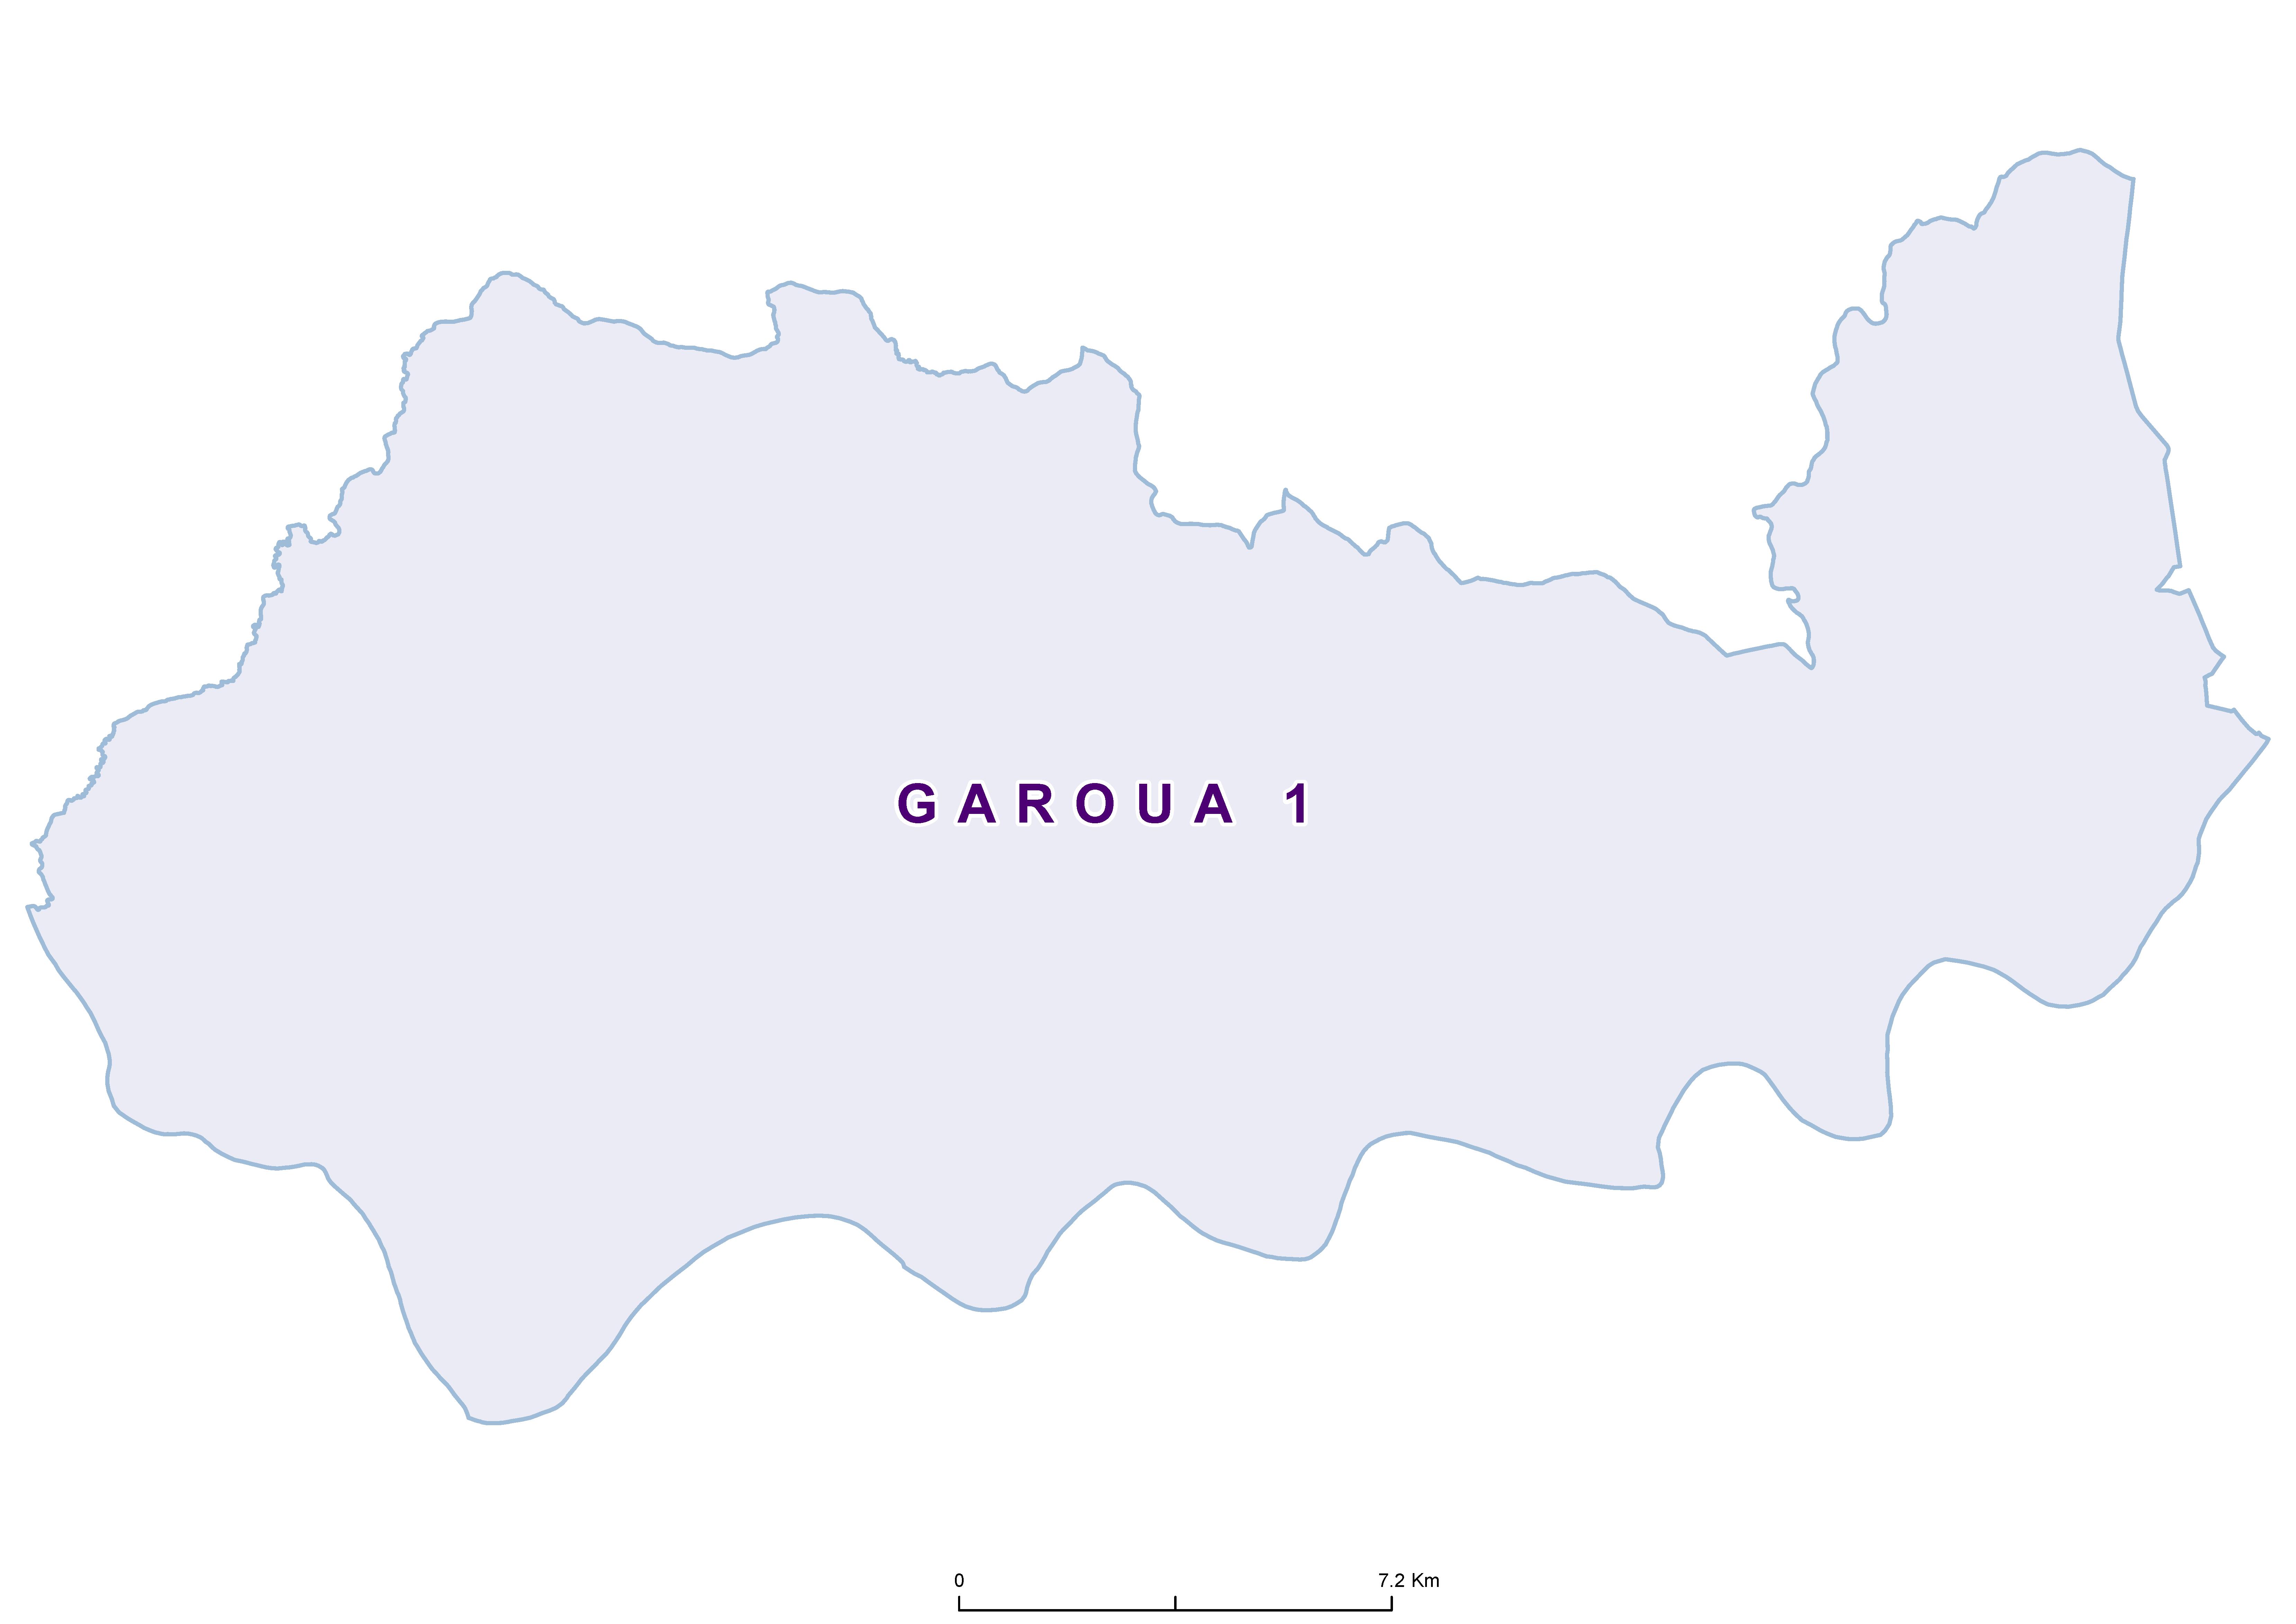 Garoua 1 Mean STH 19850001